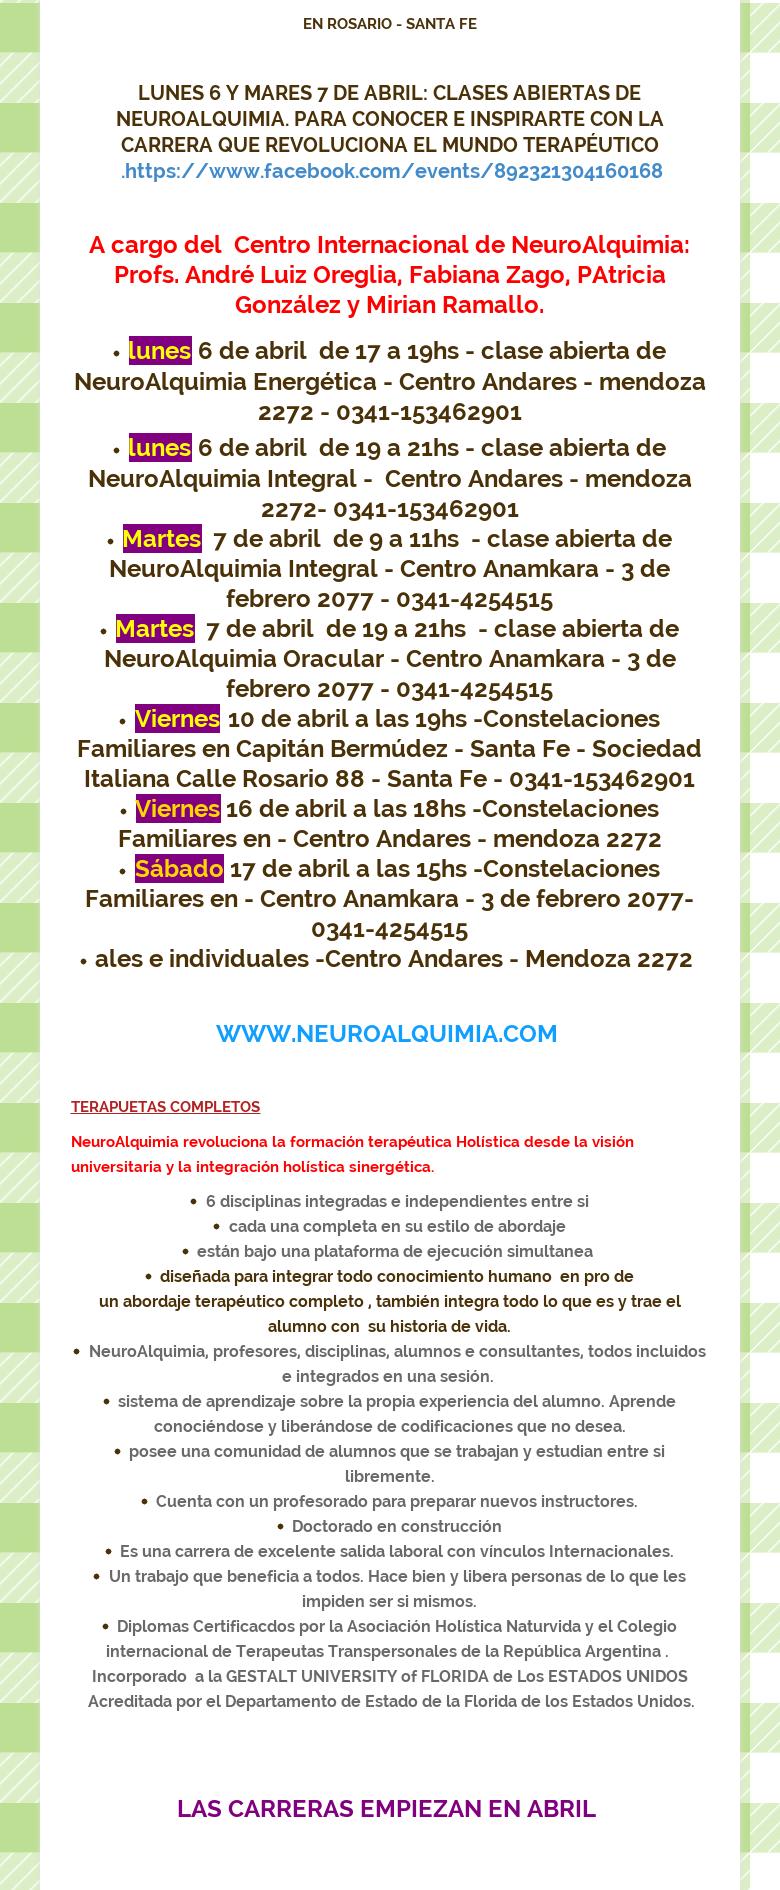 EN ROSARIO - SANTA FE LUNES 6 Y MARES 7 DE ABRIL: CLASES ABIERTAS DENEUROALQUIMIA. PARA CONOCER E INSPIRARTE CON LA CARRERA QUE REVOLUCIONA EL MUNDOTERAPÉUTICO .https://www.facebook.com/events/892321304160168 A cargo del CentroInternacional de NeuroAlquimia: Profs. André Luiz Oreglia, Fabiana Zago,PAtricia González y Mirian Ramallo.lunes 6 de abril de 17 a 19hs - clase abiertade NeuroAlquimia Energética - Centro Andares - mendoza 2272 -0341-153462901lunes 6 de abril de 19 a 21hs - clase abierta de NeuroAlquimiaIntegral - Centro Andares - mendoza 2272- 0341-153462901Martes 7 de abril de 9 a11hs - clase abierta de NeuroAlquimia Integral - Centro Anamkara - 3 de febrero2077 - 0341-4254515Martes 7 de abril de 19 a 21hs - clase abierta deNeuroAlquimia Oracular - Centro Anamkara - 3 de febrero 2077 -0341-4254515Viernes 10 de abril a las 19hs -Constelaciones Familiares en CapitánBermúdez - Santa Fe - Sociedad Italiana Calle Rosario 88 - Santa Fe -0341-153462901Viernes 16 de abril a las 18hs -Constelaciones Familiares en -Centro Andares - mendoza 2272Sábado 17 de abril a las 15hs -ConstelacionesFamiliares en - Centro Anamkara - 3 de febrero 2077- 0341-4254515ales eindividuales -Centro Andares - Mendoza 2272 WWW.NEUROALQUIMIA.COM TERAPUETASCOMPLETOSNeuroAlquimia revoluciona la formación terapéutica Holística desde lavisión universitaria y la integración holística sinergética.6 disciplinasintegradas e independientes entre sicada una completa en su estilo deabordajeestán bajo una plataforma de ejecución simultanea diseñada para integrartodo conocimiento humano en pro de un abordaje terapéutico completo , tambiénintegra todo lo que es y trae el alumno con su historia de vida.NeuroAlquimia,profesores, disciplinas, alumnos e consultantes, todos incluidos e integrados enuna sesión. sistema de aprendizaje sobre la propia experiencia del alumno.Aprende conociéndose y liberándose de codificaciones que no desea.posee unacomunidad de alumnos que se trabajan y estudian entre si libremen